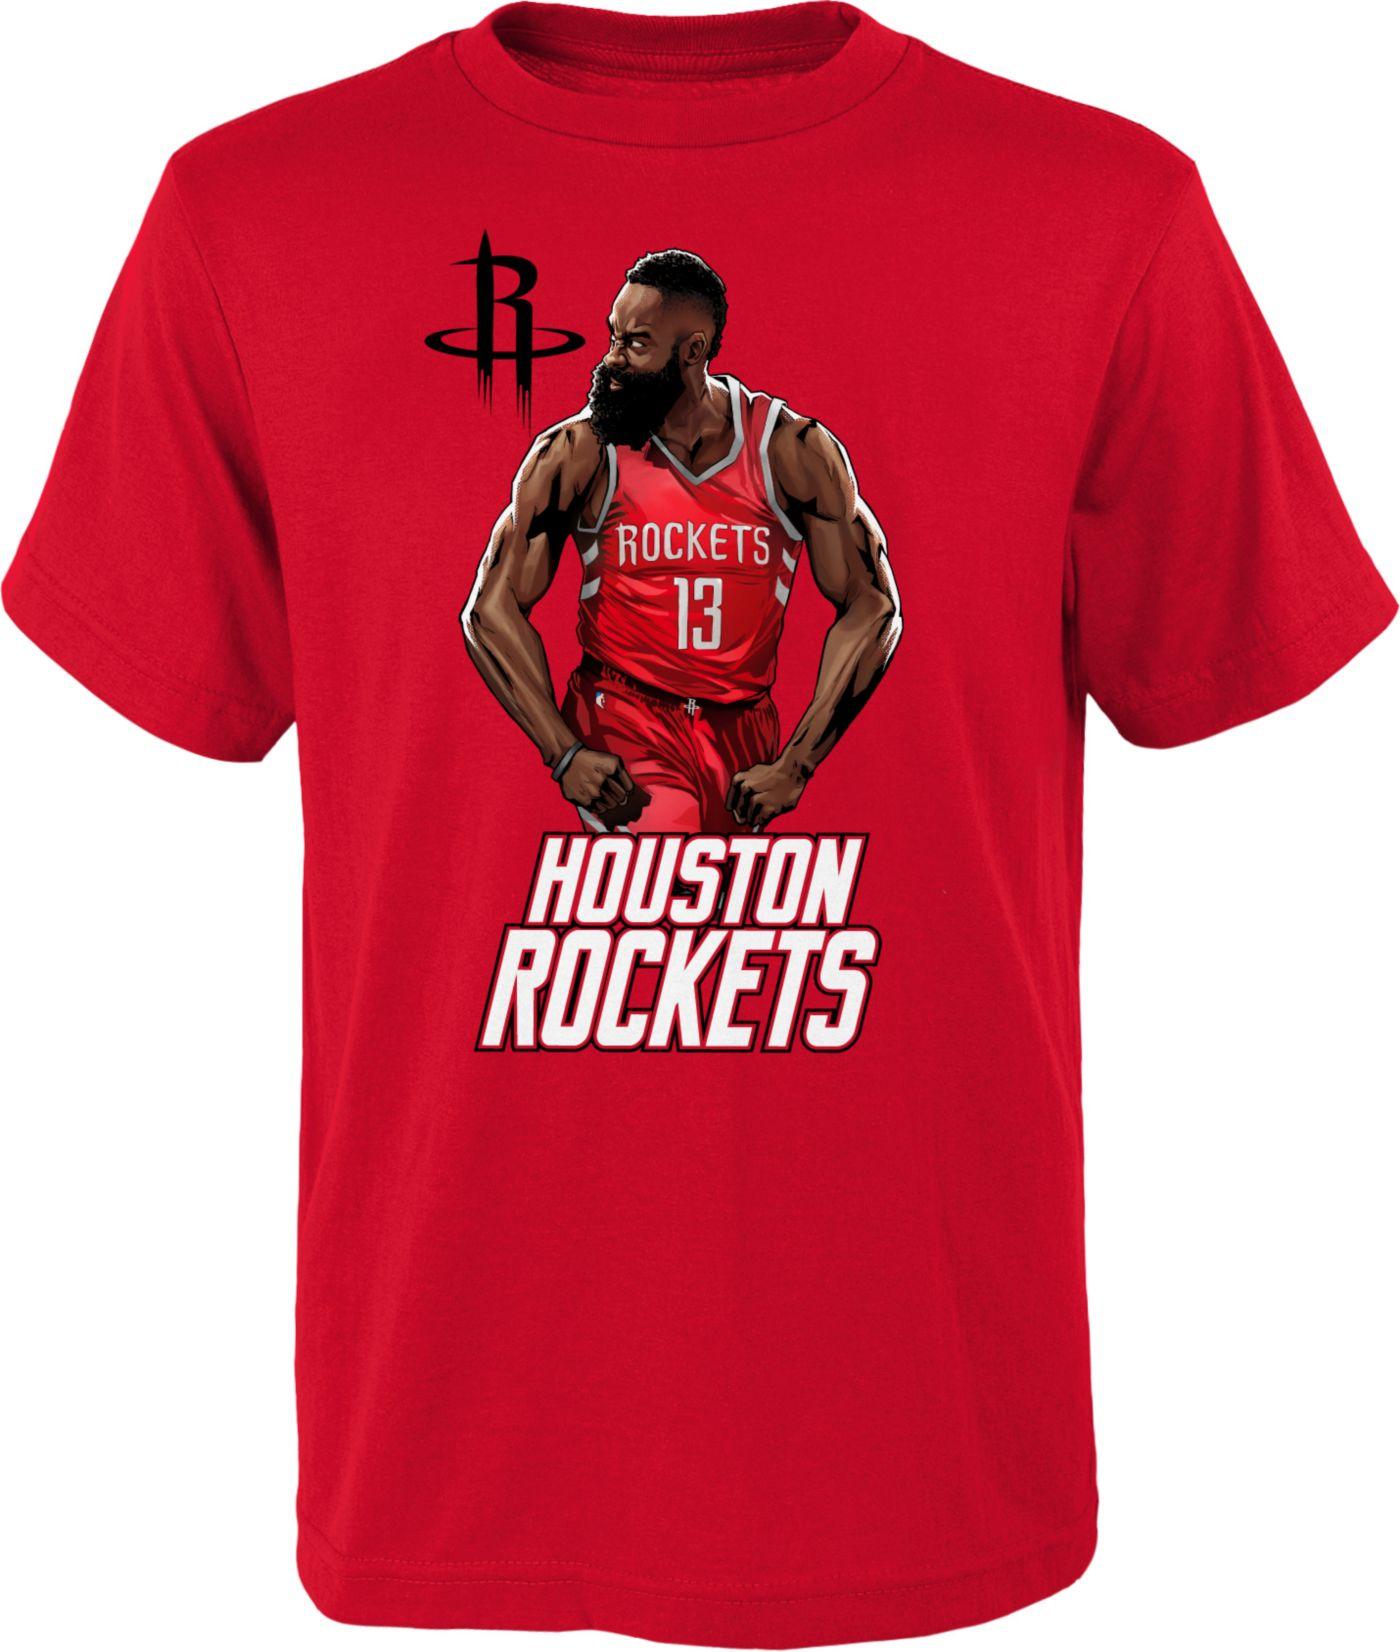 NBA Youth Houston Rockets James Harden T-Shirt